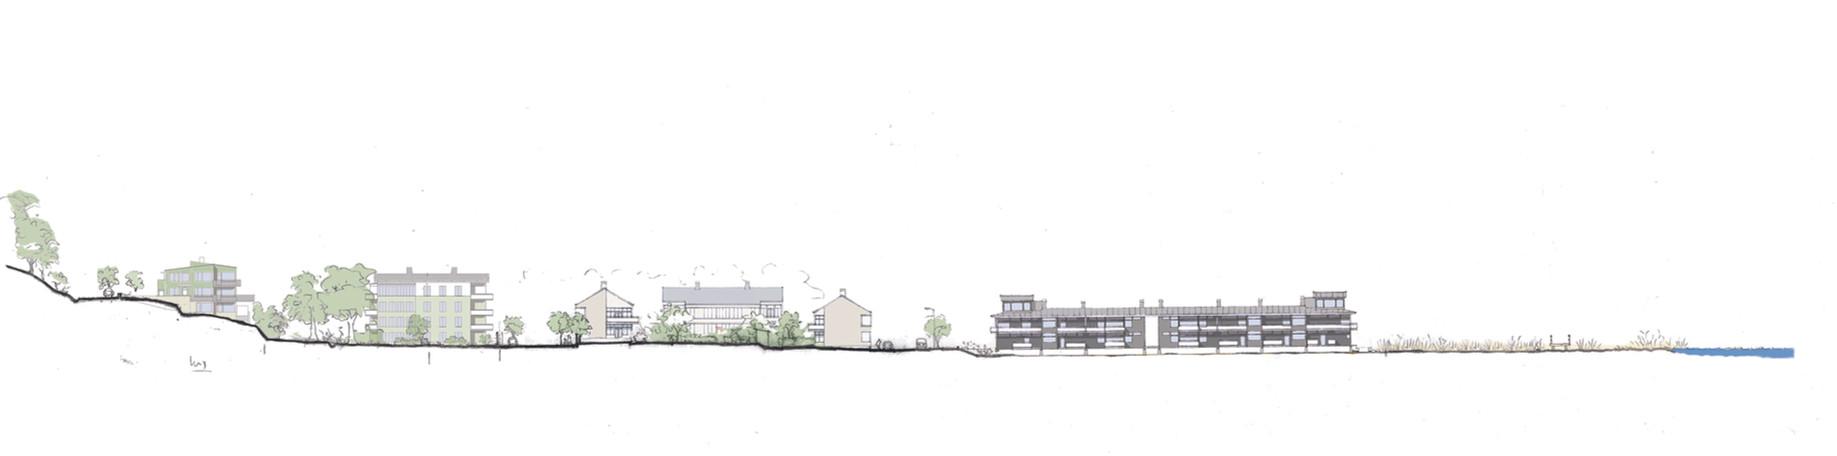 Marksektion som visar de fyra olika hustyperna